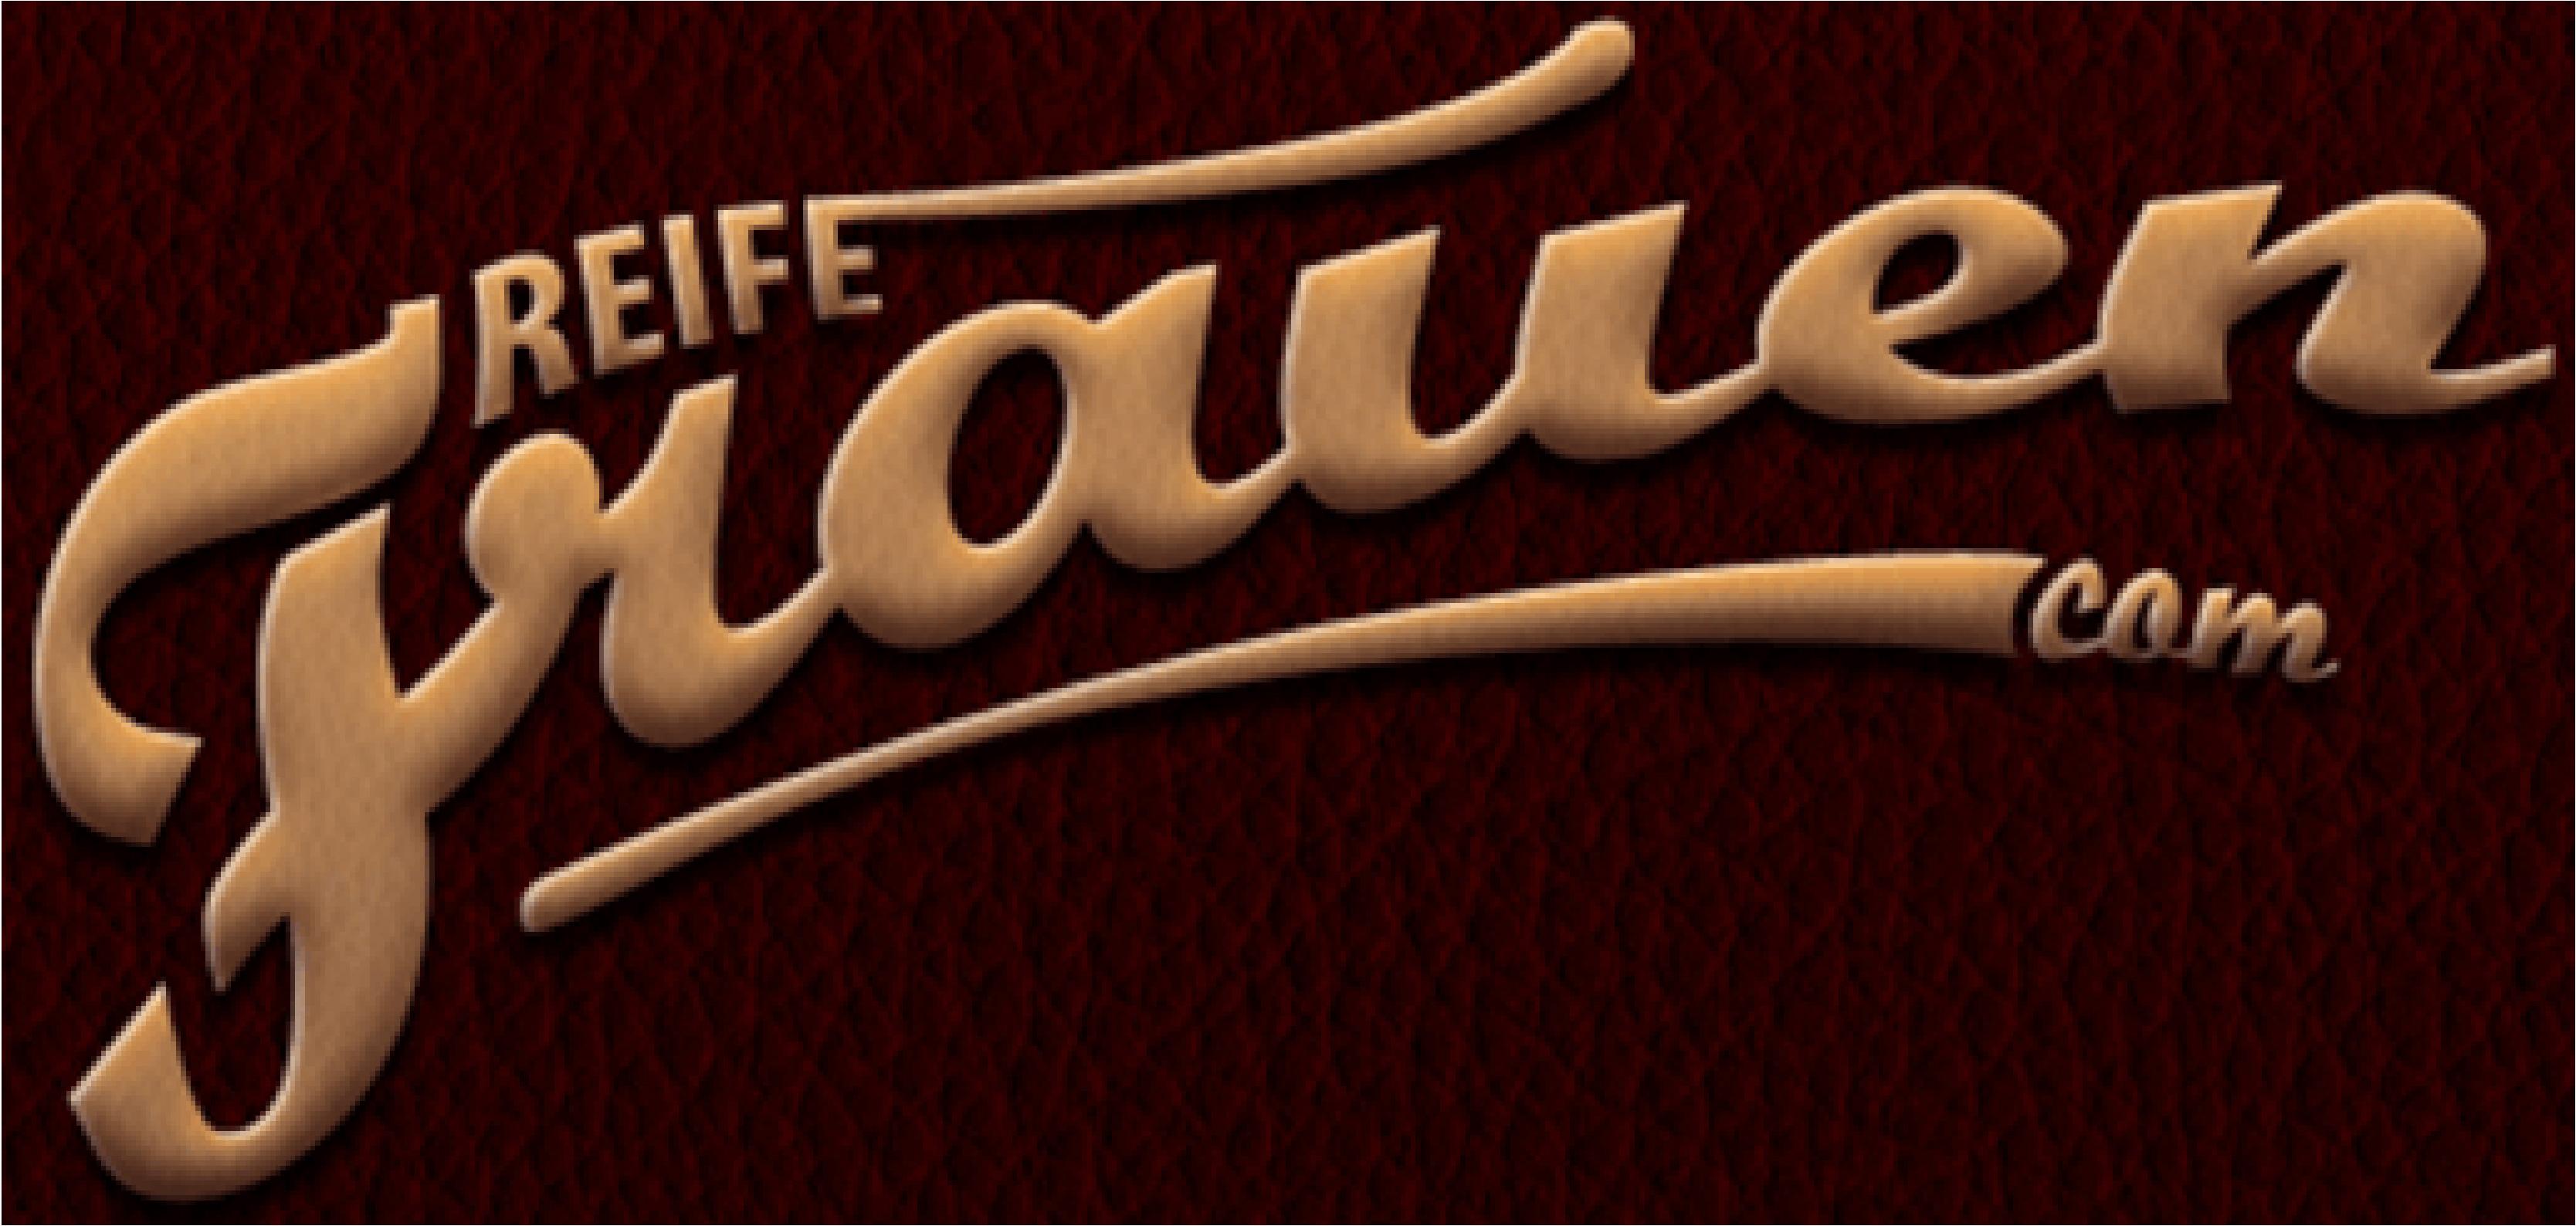 Reifefrauen Logo